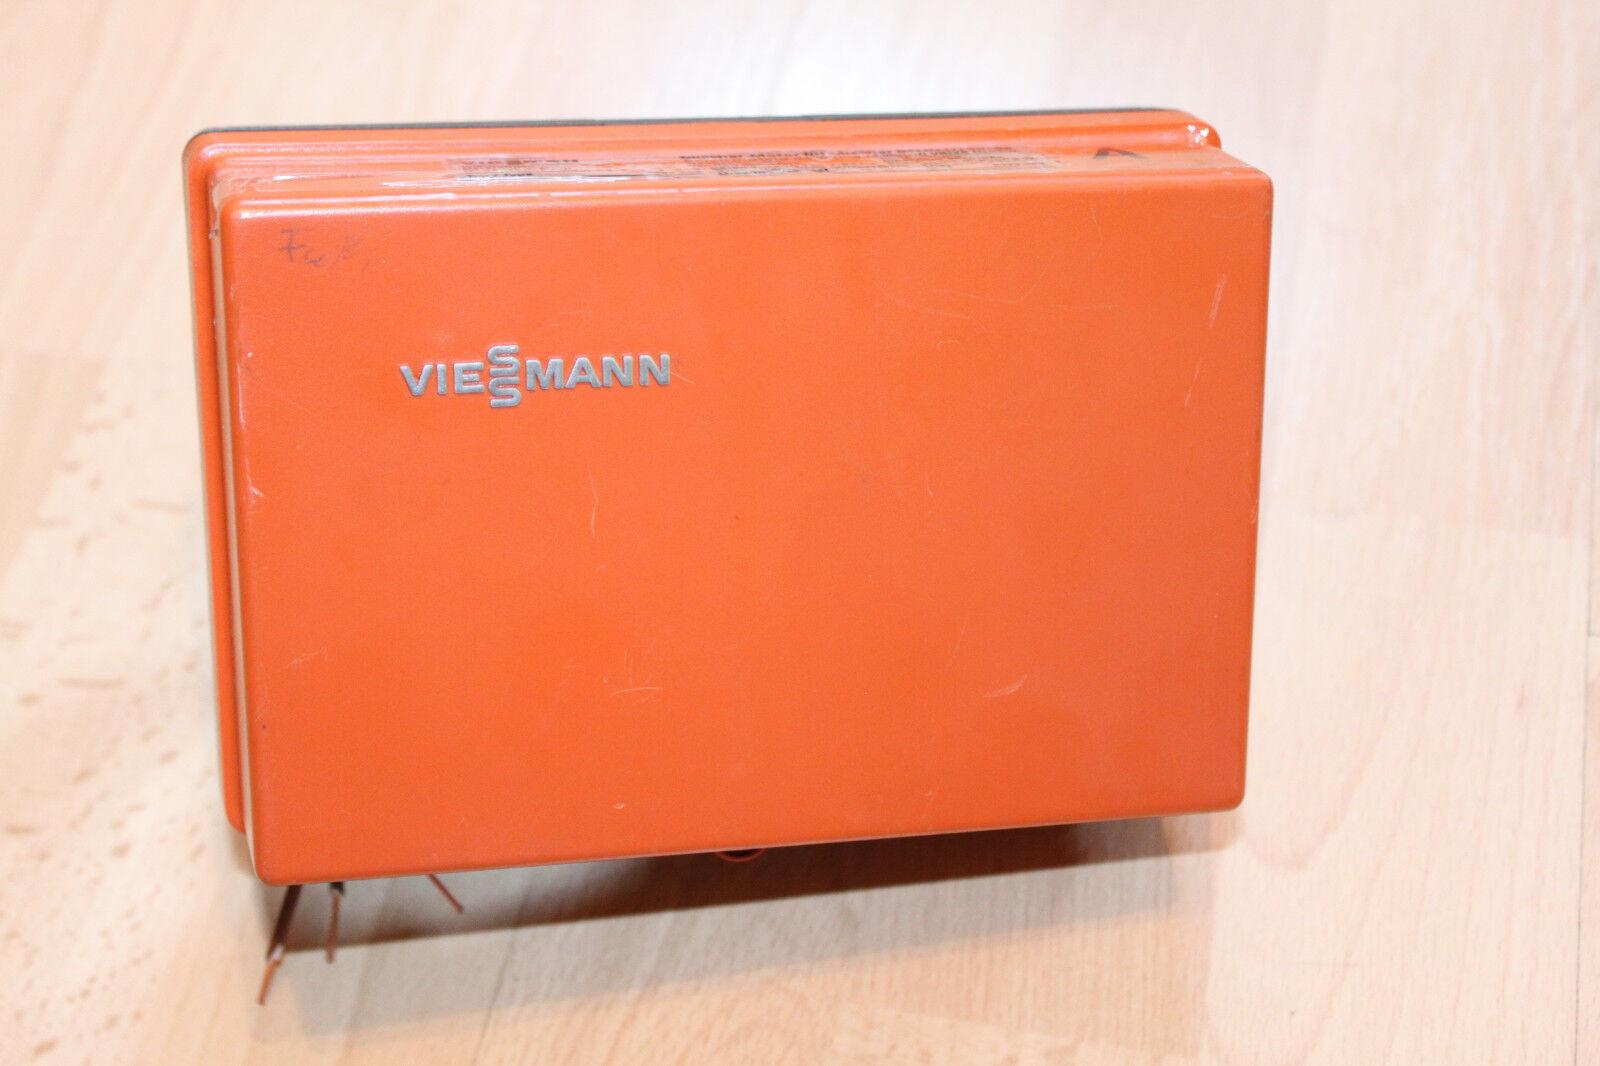 VIESSMANN VIESSMANN VIESSMANN Mischermotor DN (NW) 20-65 8bc176